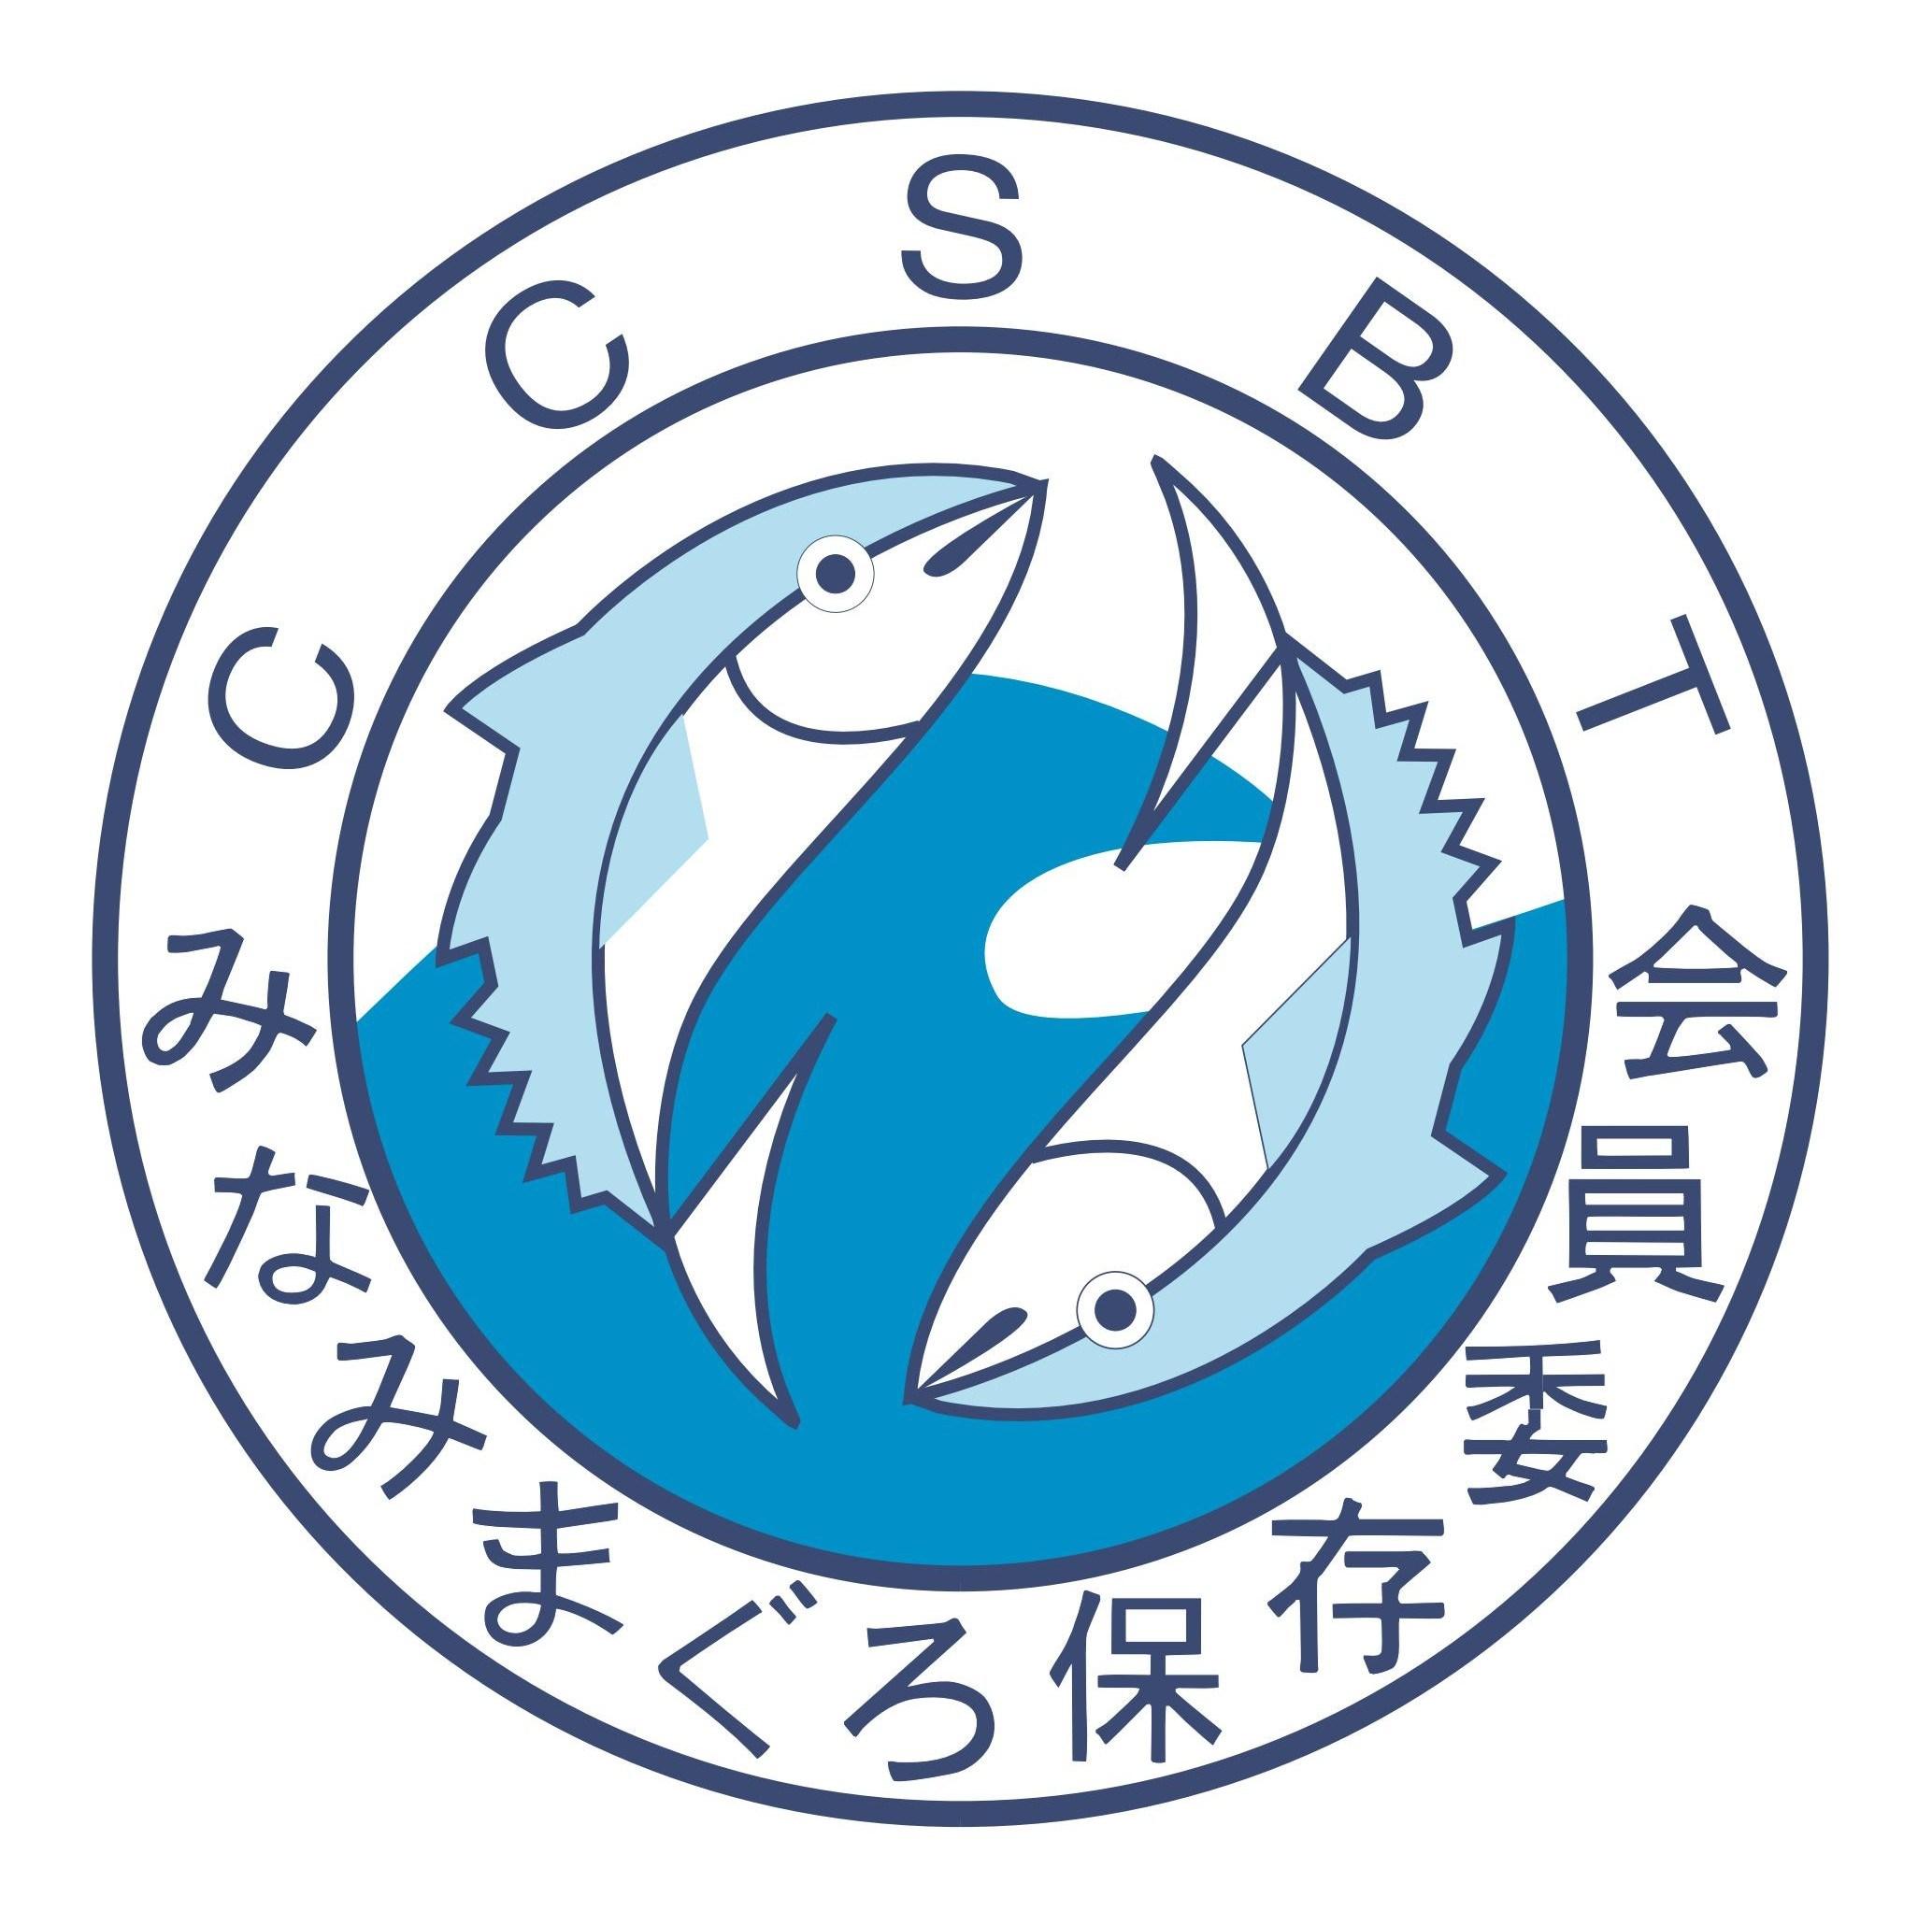 ccsbt logo